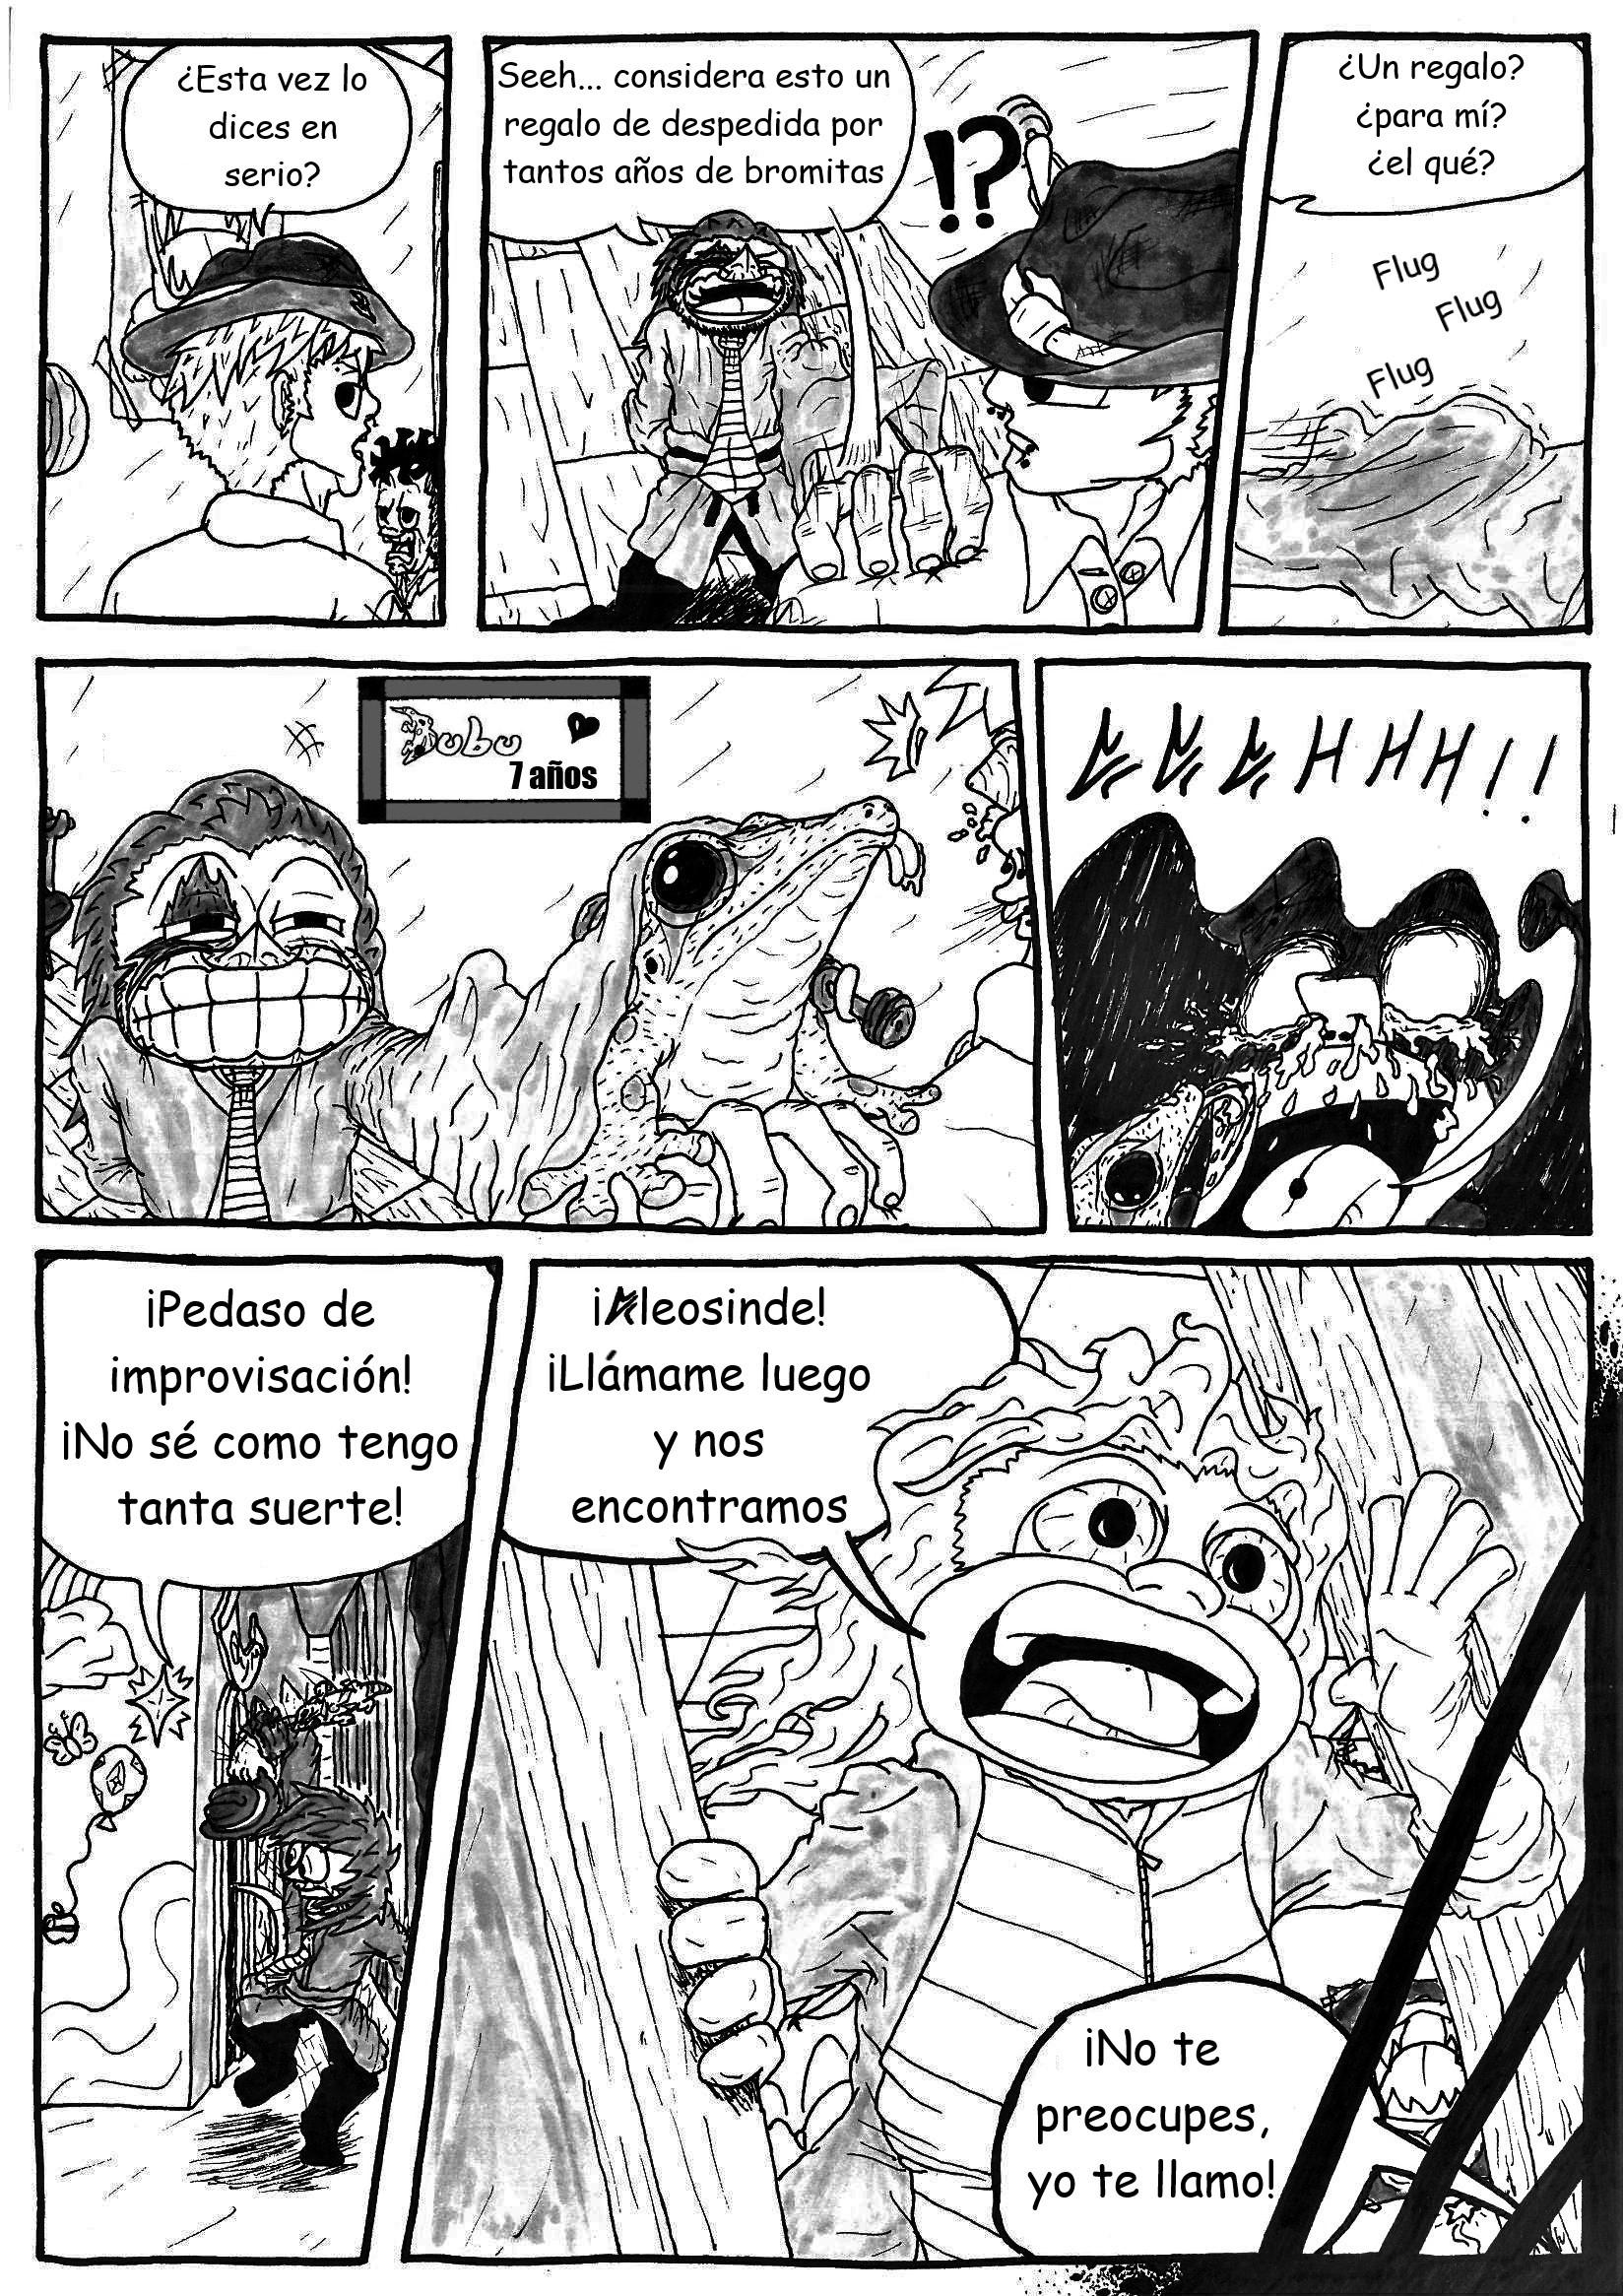 Avatar_03_J_Angel_Casado_Fuster_pagina00027